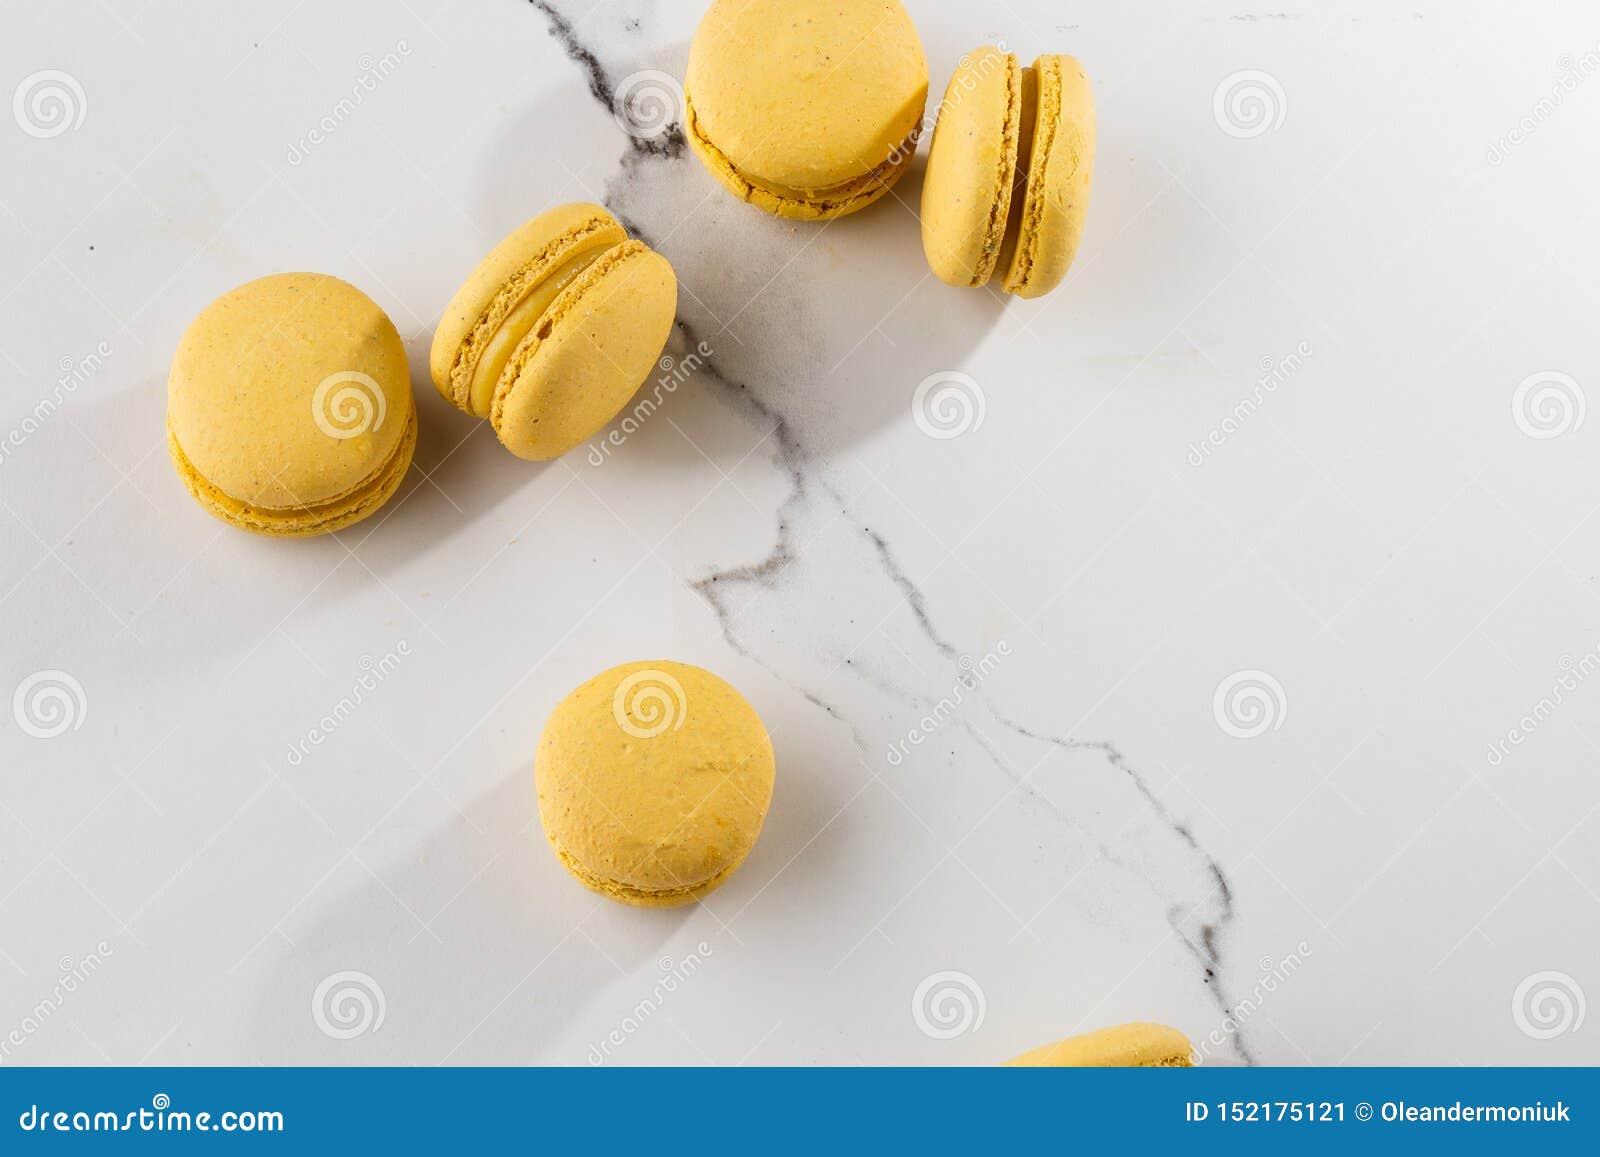 Franz?sische Makronen Selektiver Fokus Schöne gelbe Makronen auf Marmorhintergrund Stilvoller Anordnungsbonbon